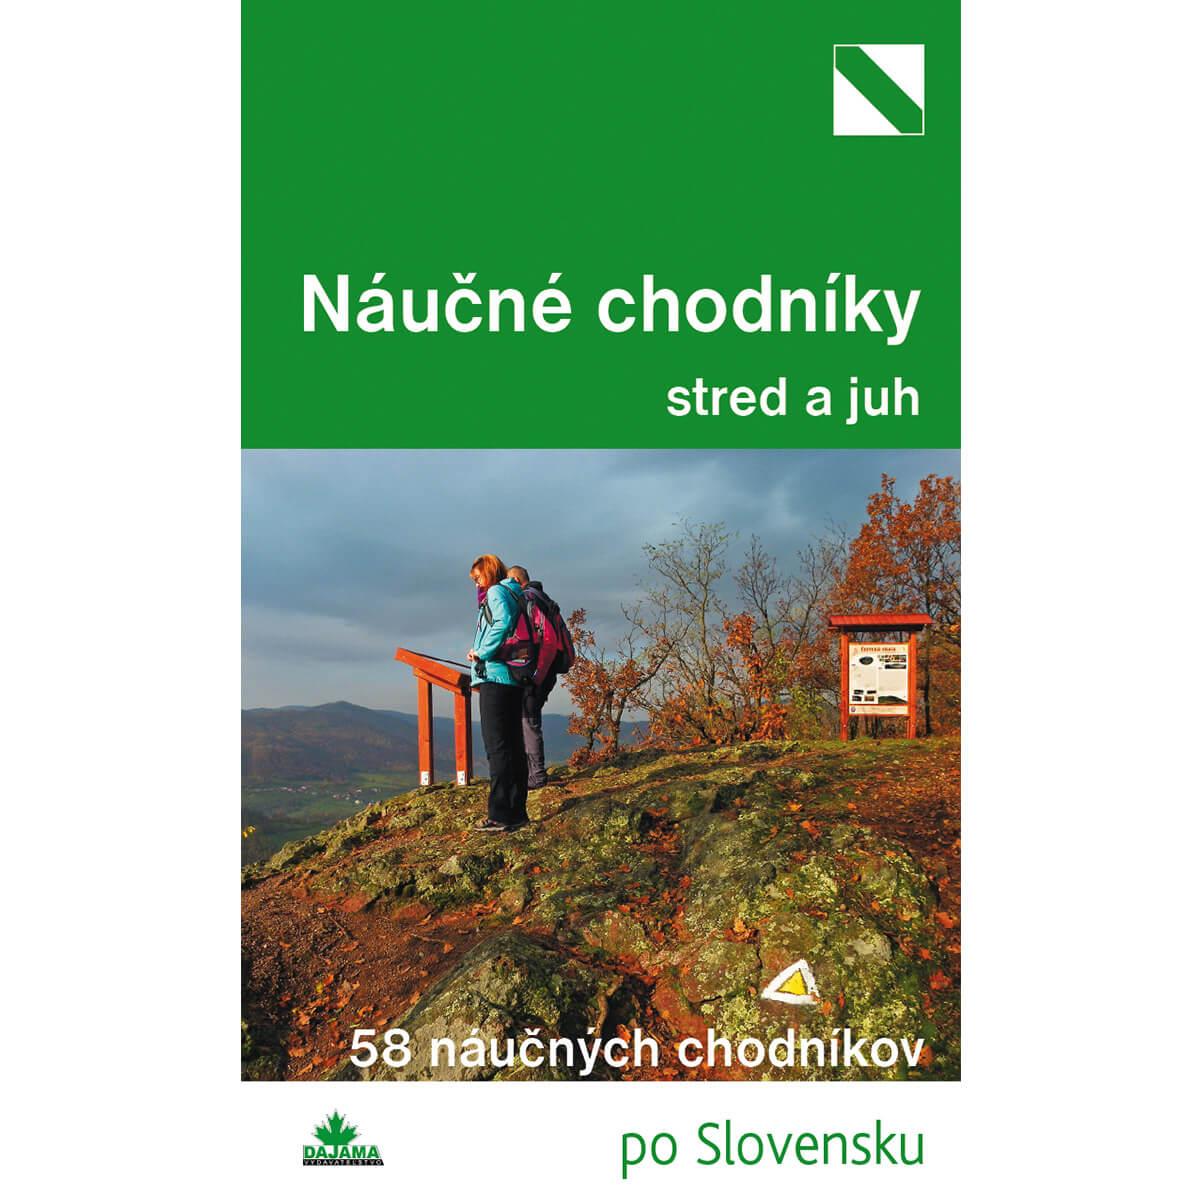 Kniha Náučné chodníky stred a juh - 58 náučných chodníkov po Slovensku z vydavateľstva Dajama